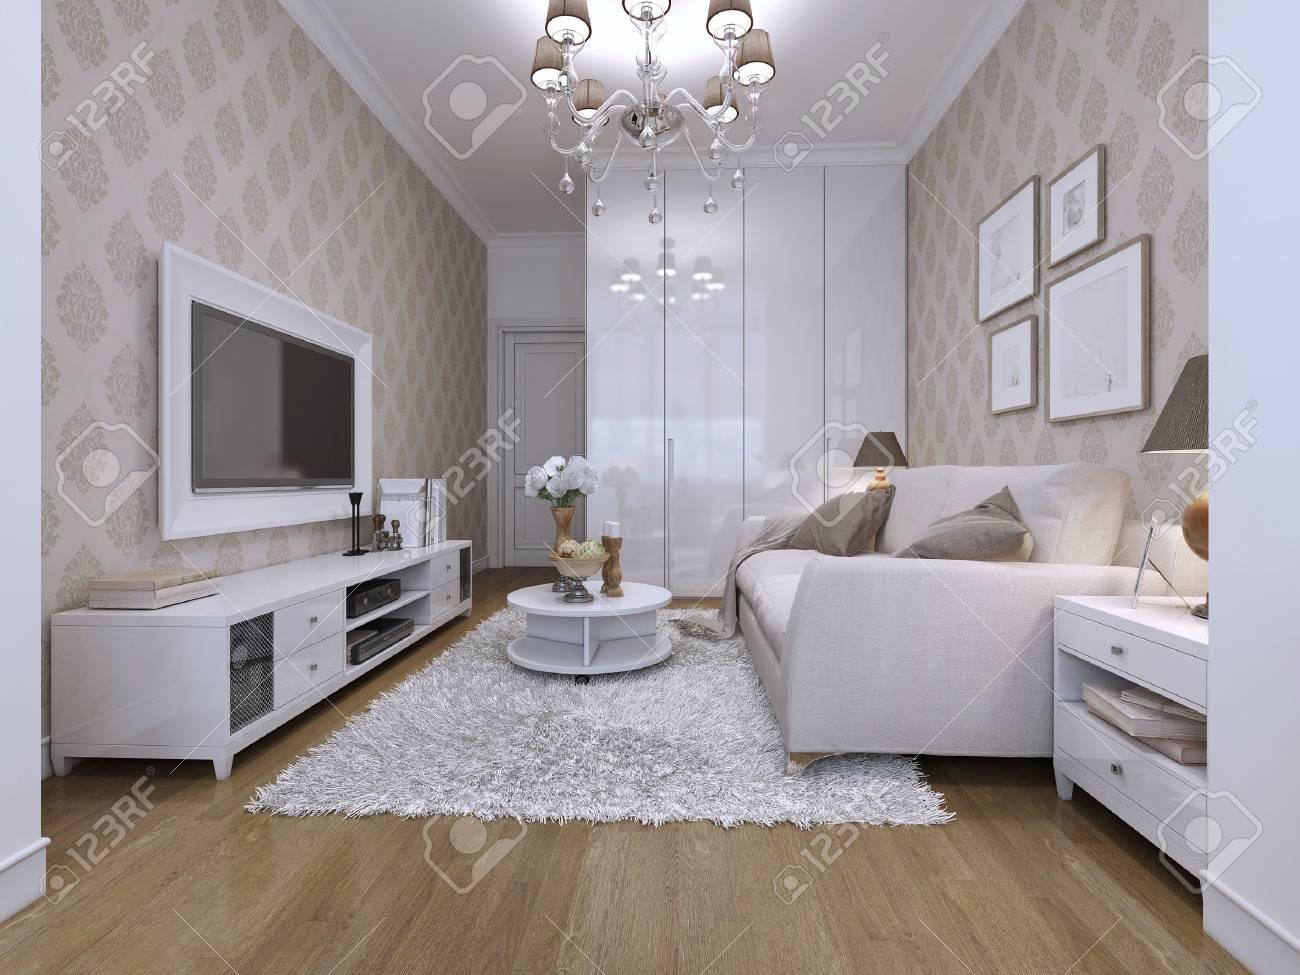 Chambre d\'hôtes dans un style moderne avec du papier peint classique. Le  blanc et le beige. Rendu 3D.